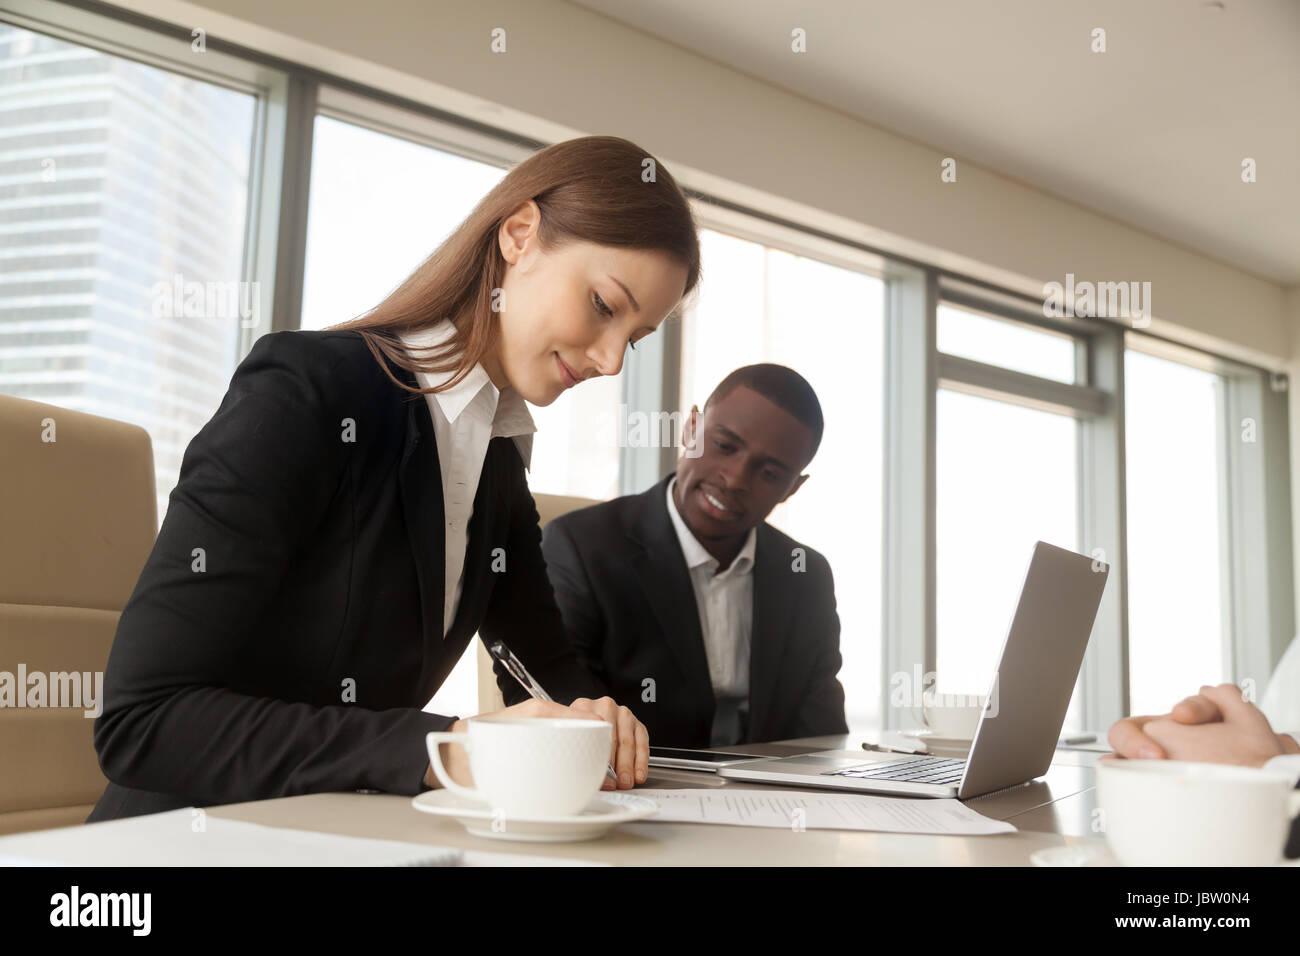 Solicitante de empleo femenino exitosa firma contrato de trabajo, acuerdo de empleo después de la entrevista, Imagen De Stock